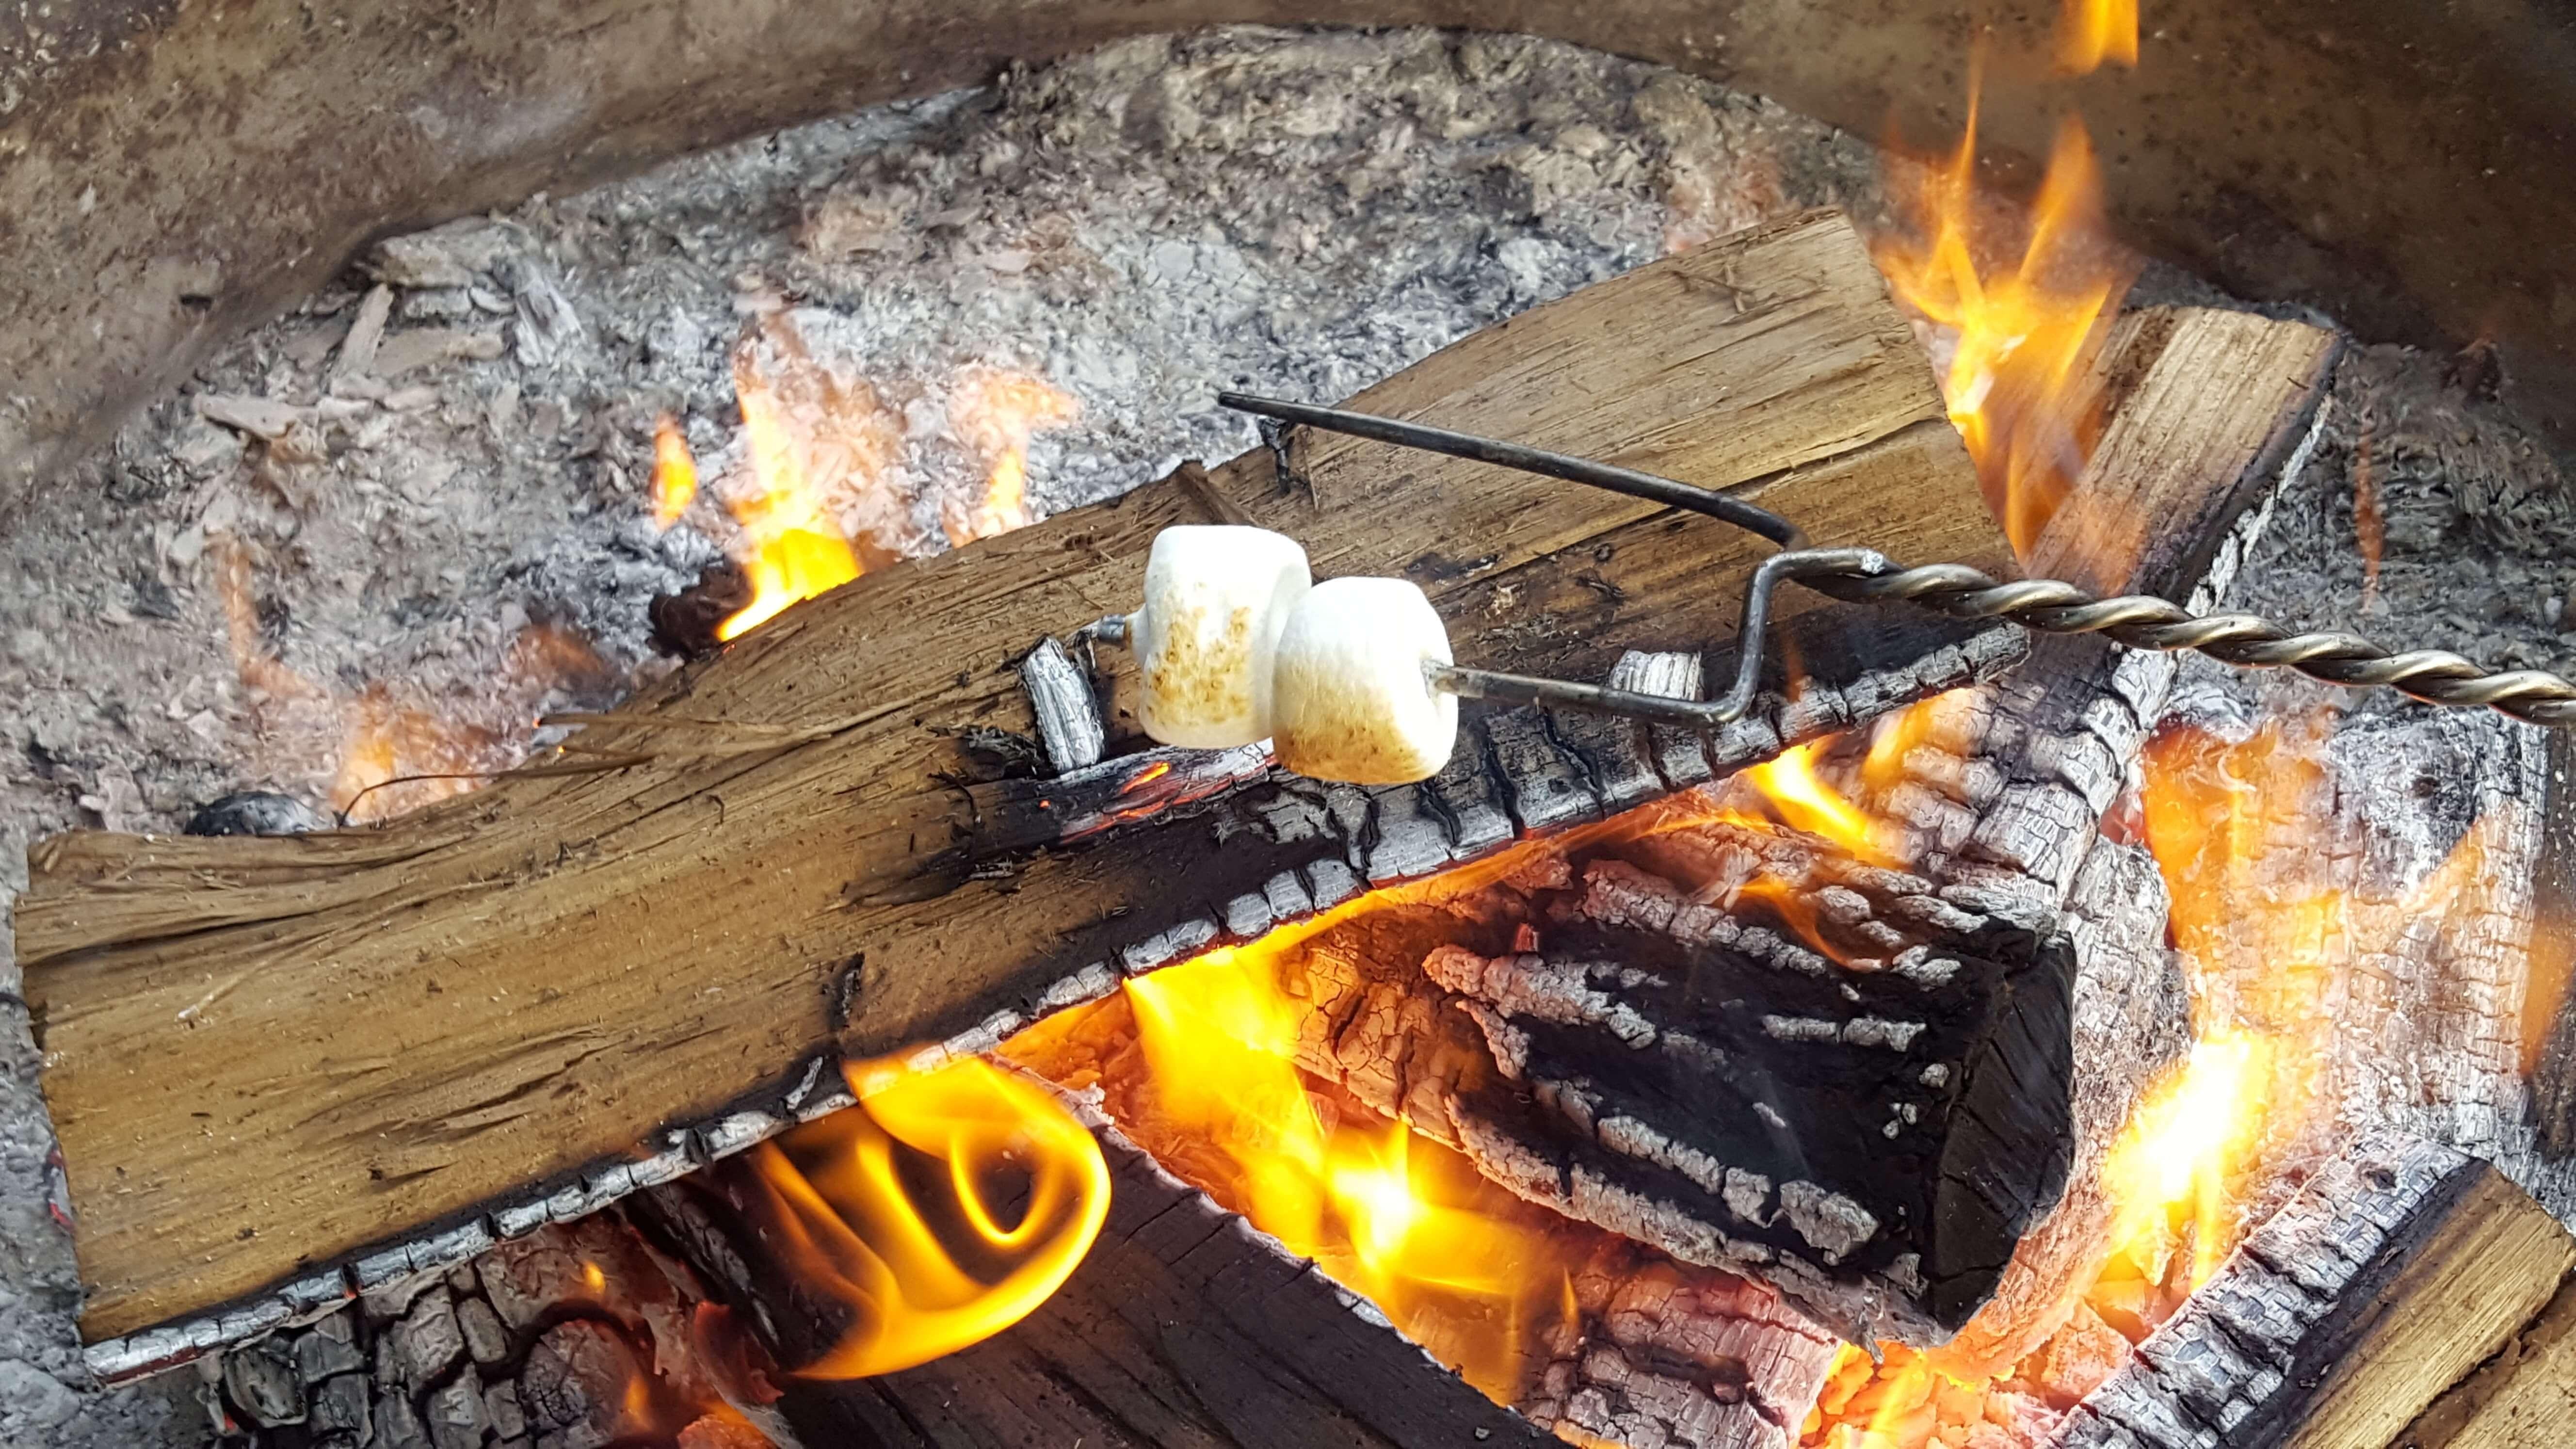 Golden fire for roasting marshmallows